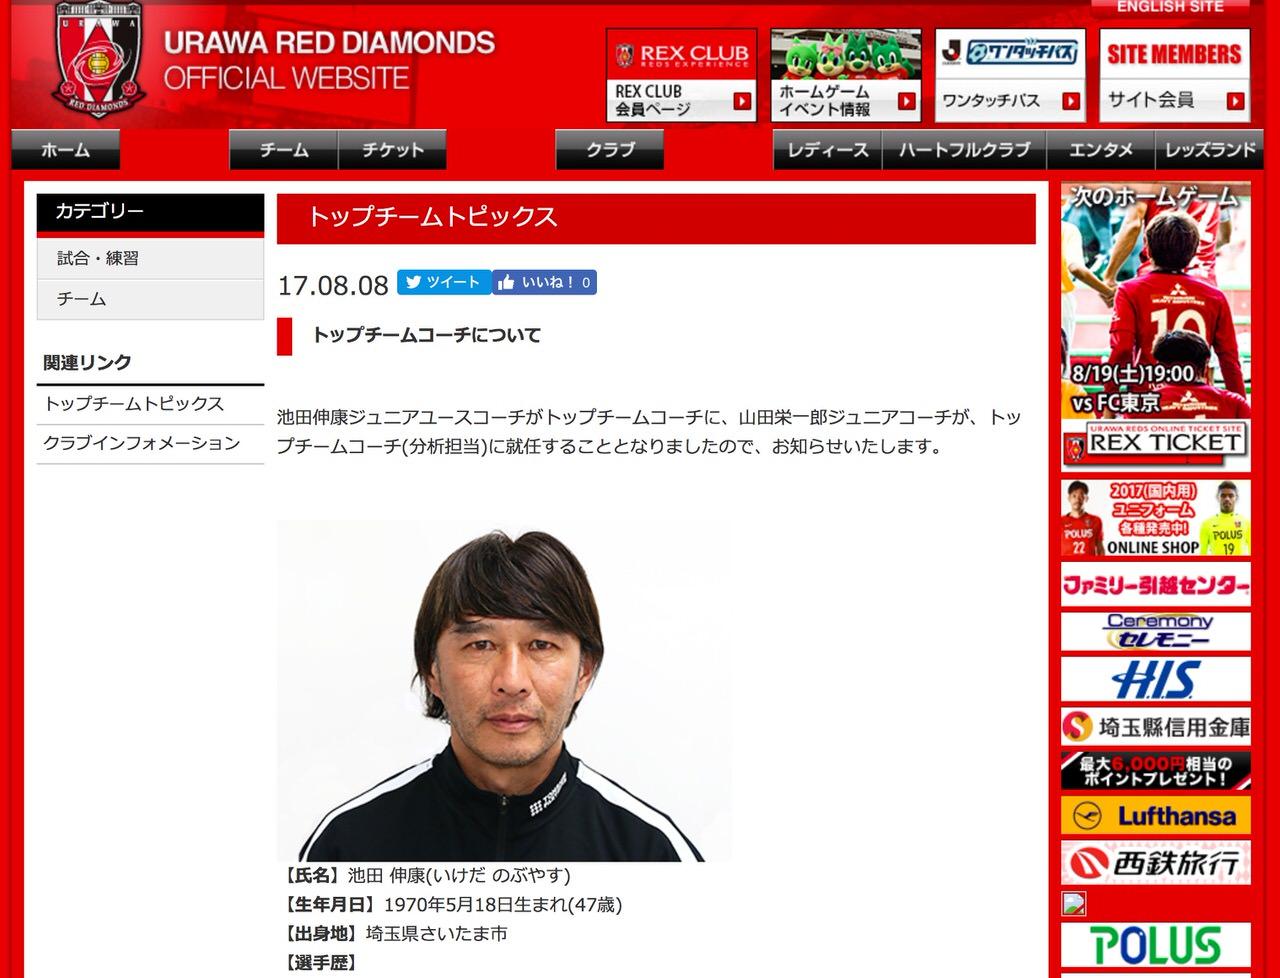 浦和レッズ、トップチームコーチに池田伸康ジュニアユースコーチの就任を発表